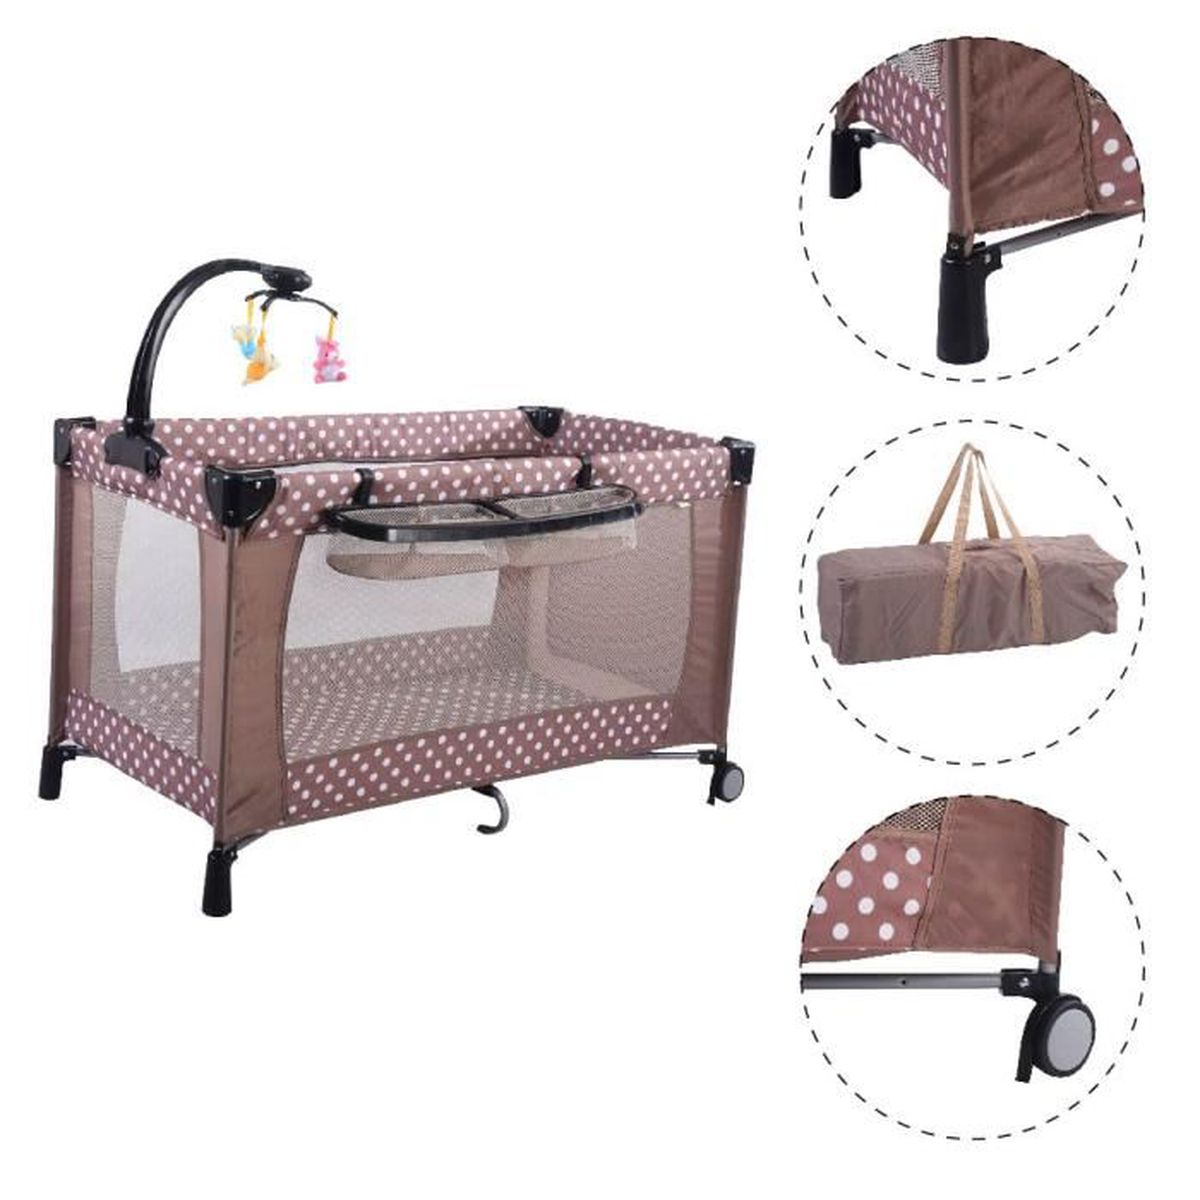 Accessoires chambre bebe chambre de b b compl te lit b b for Accessoire chambre bebe